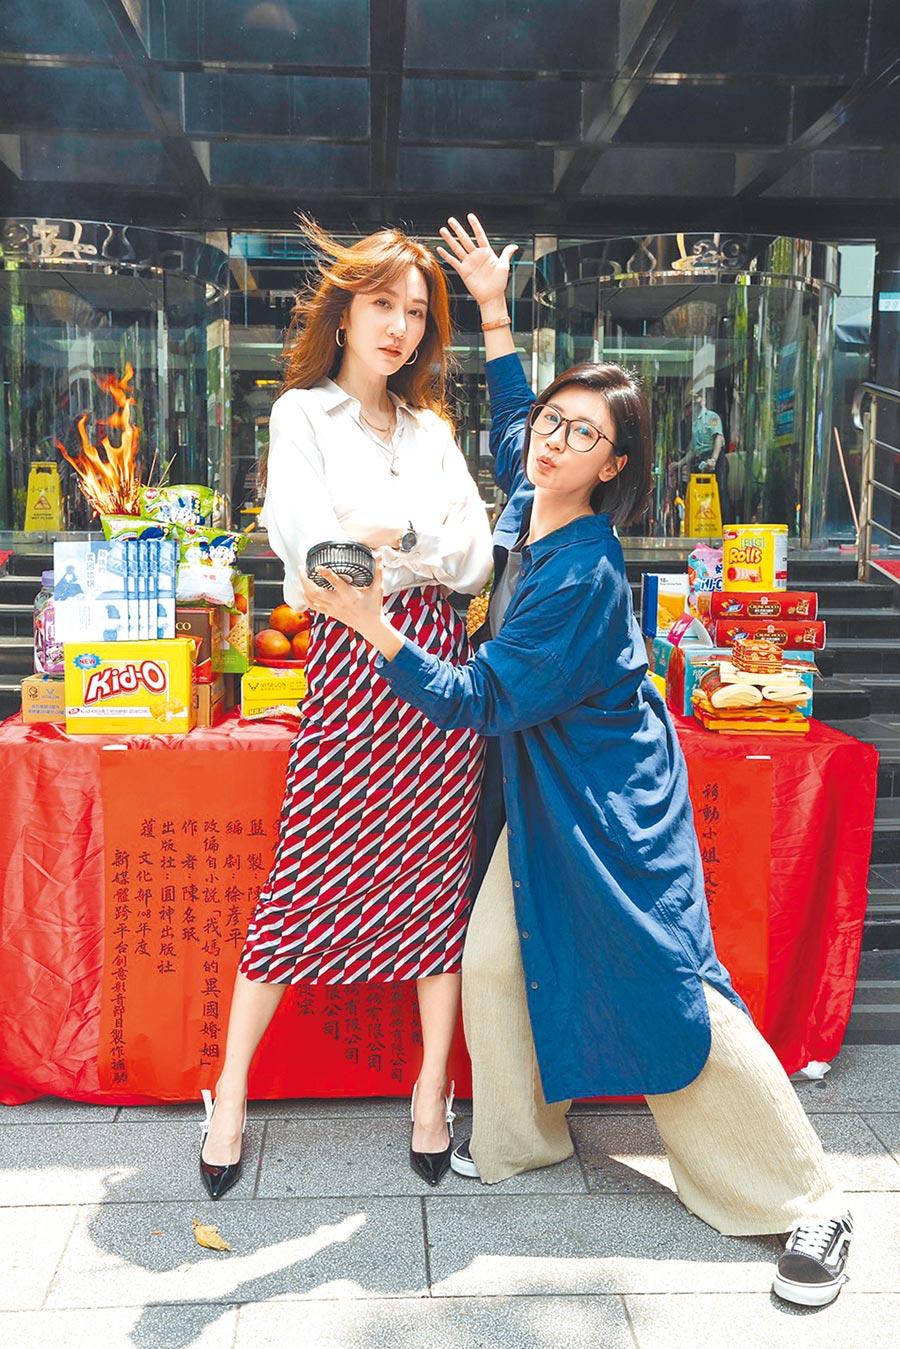 賈靜雯(右)與曾莞婷在新戲飾演一對閨蜜。(草舍文化提供)